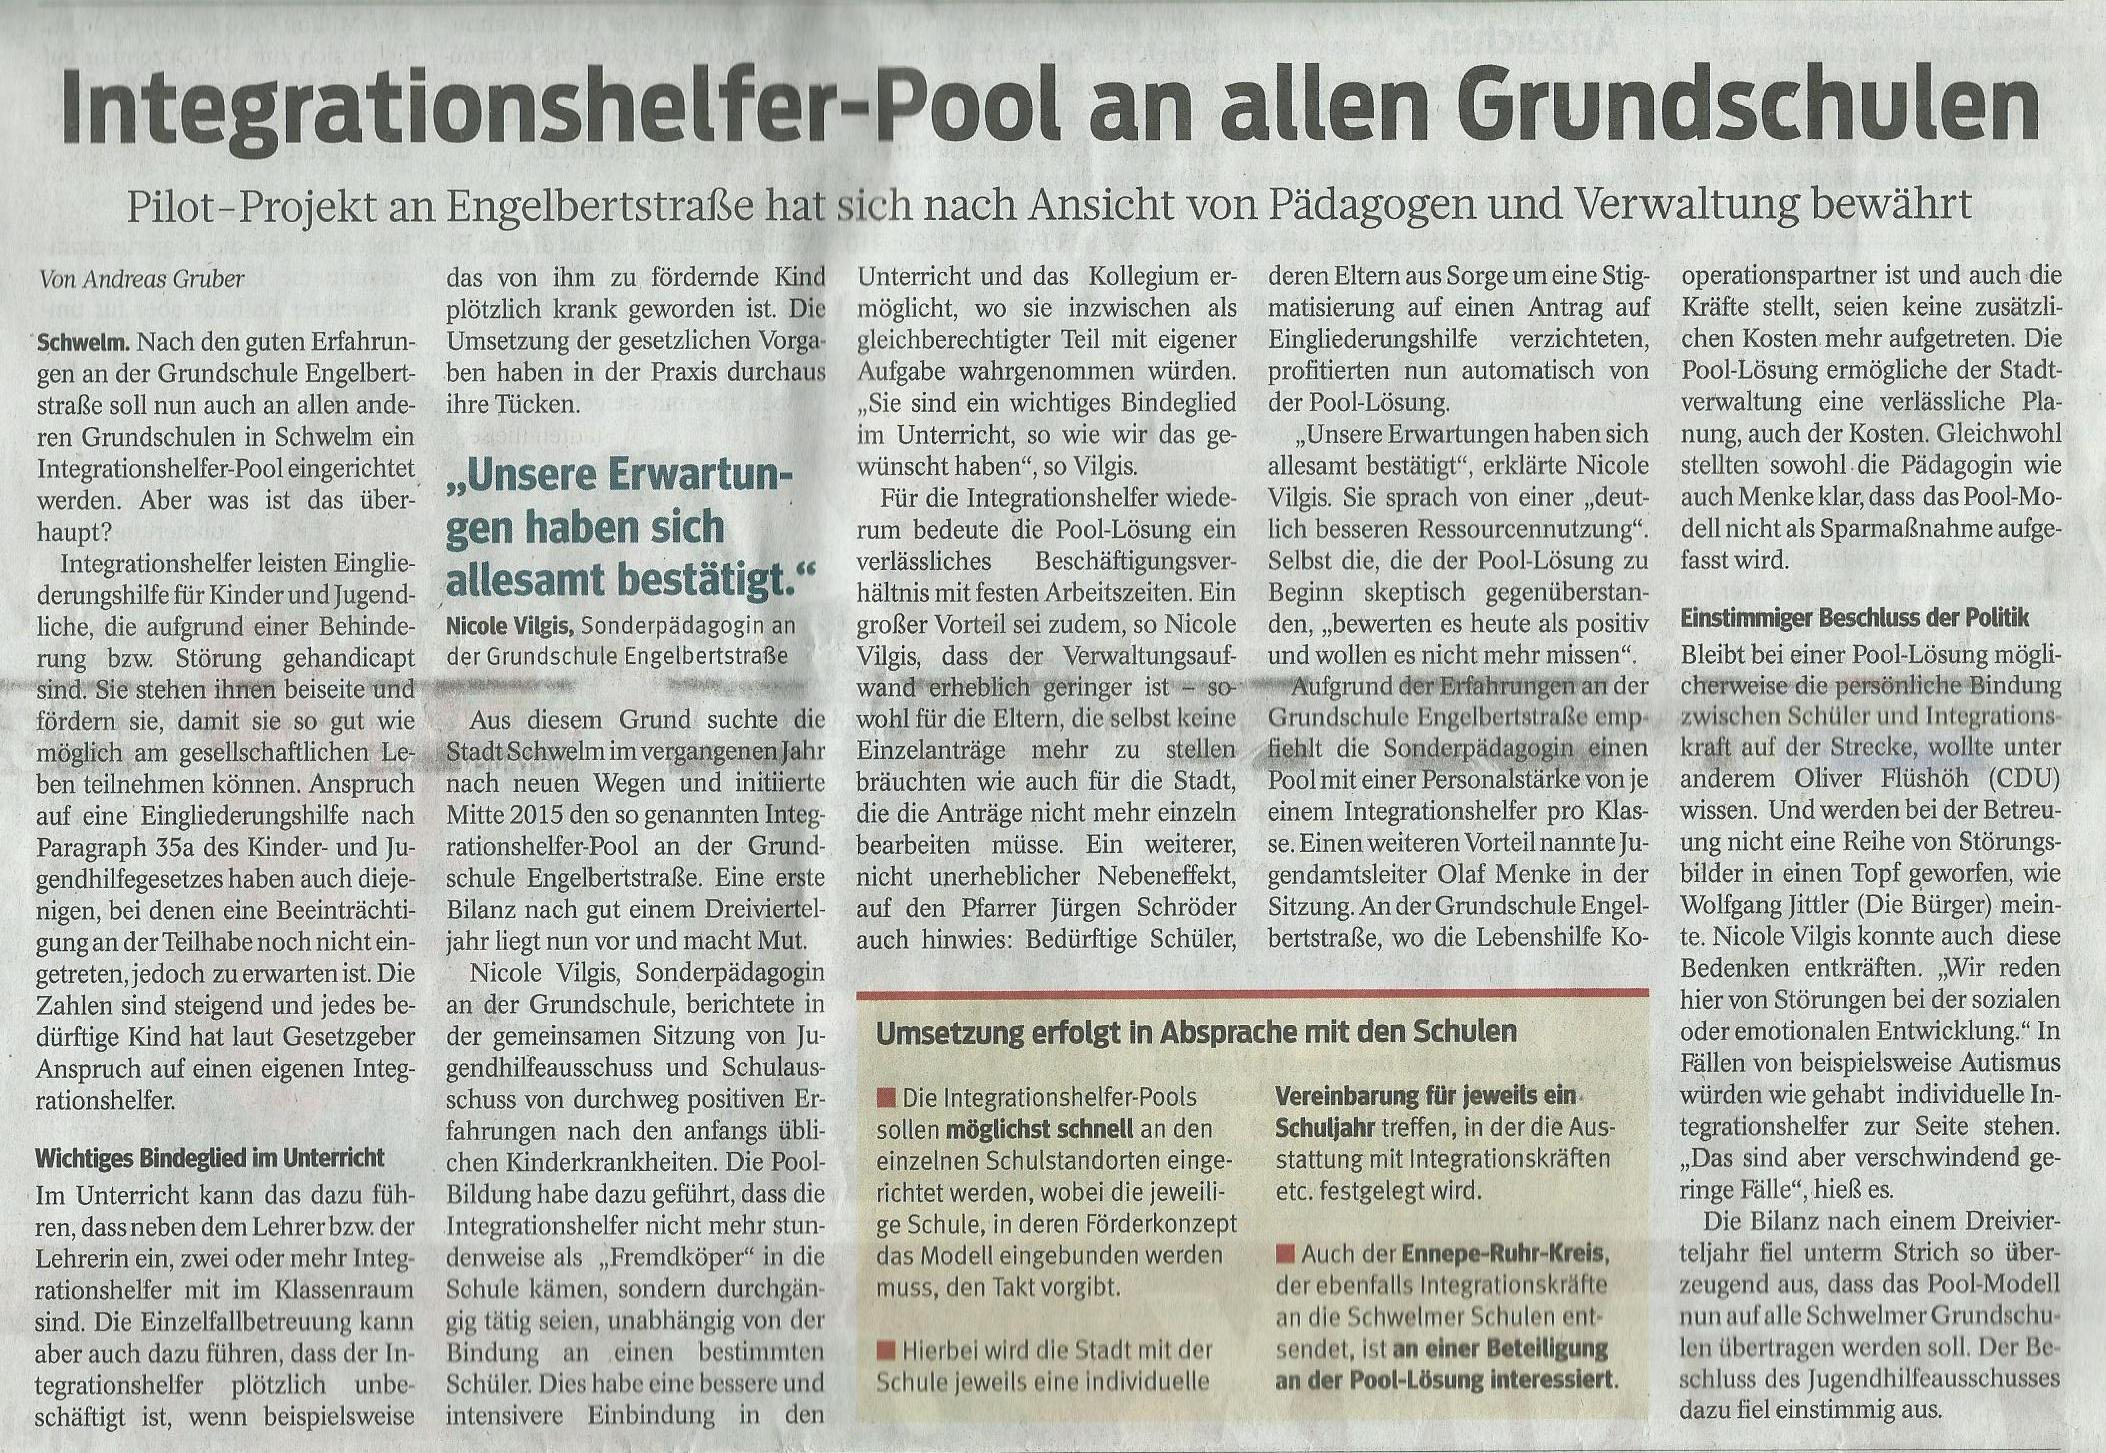 Poolbildung an unserer Schule war bisher erfolgreich | www ...